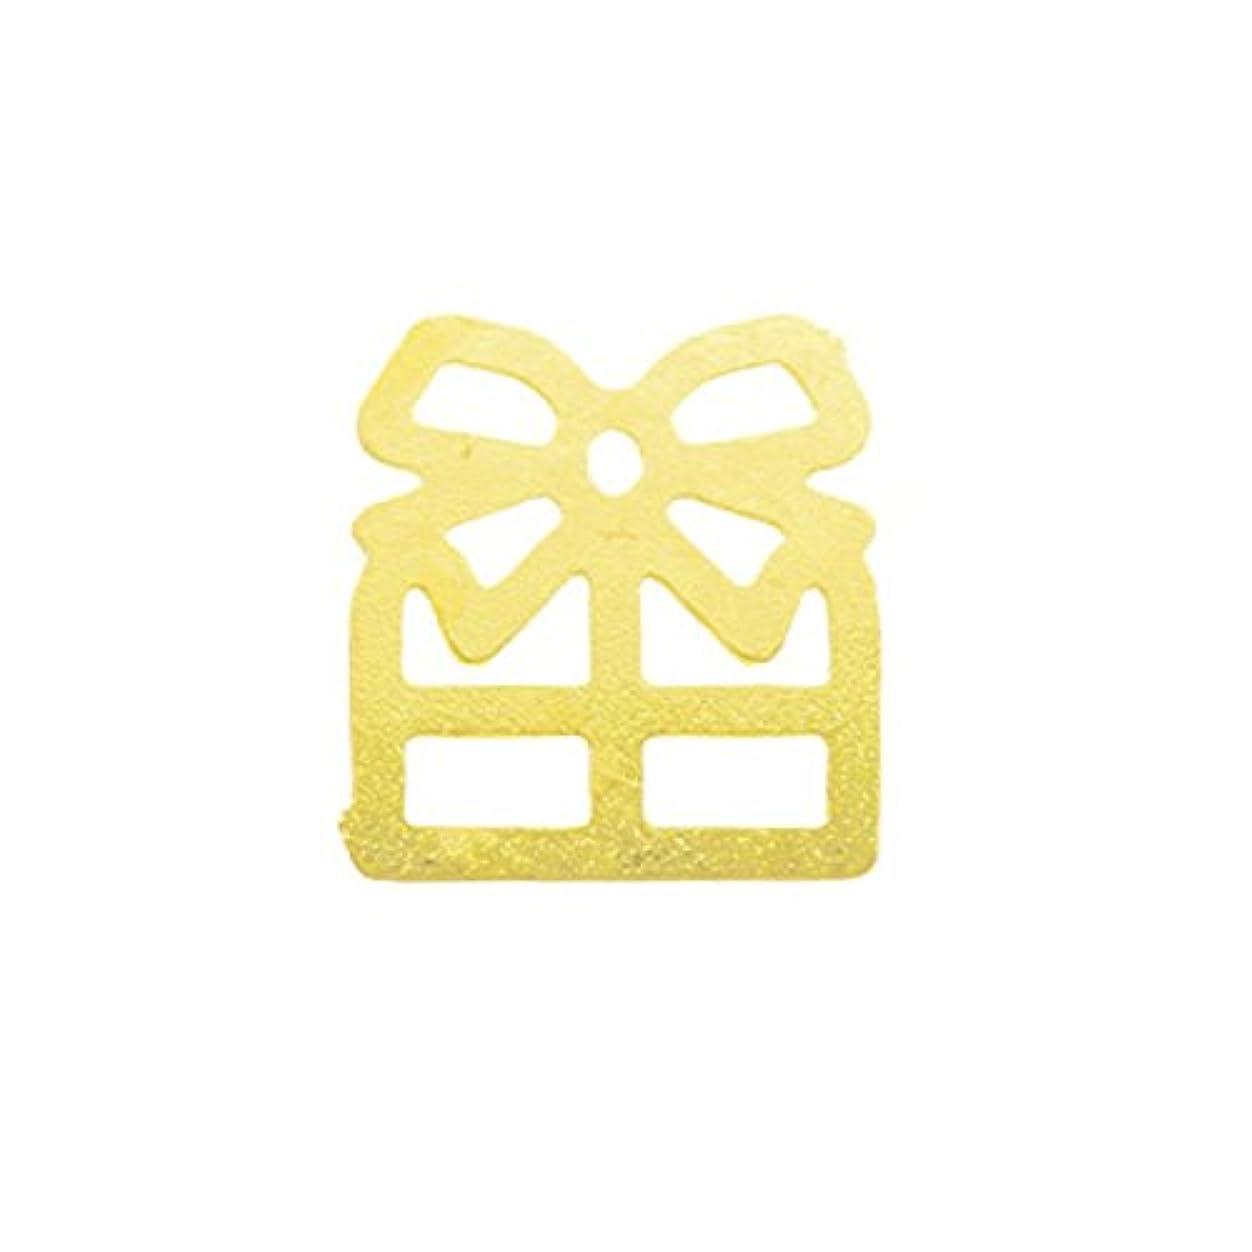 重要な役割を果たす、中心的な手段となる市区町村ラックメタルプレート(ネイルストーン デコ) プレゼント ゴールド (30個入り)(ネイル用品)